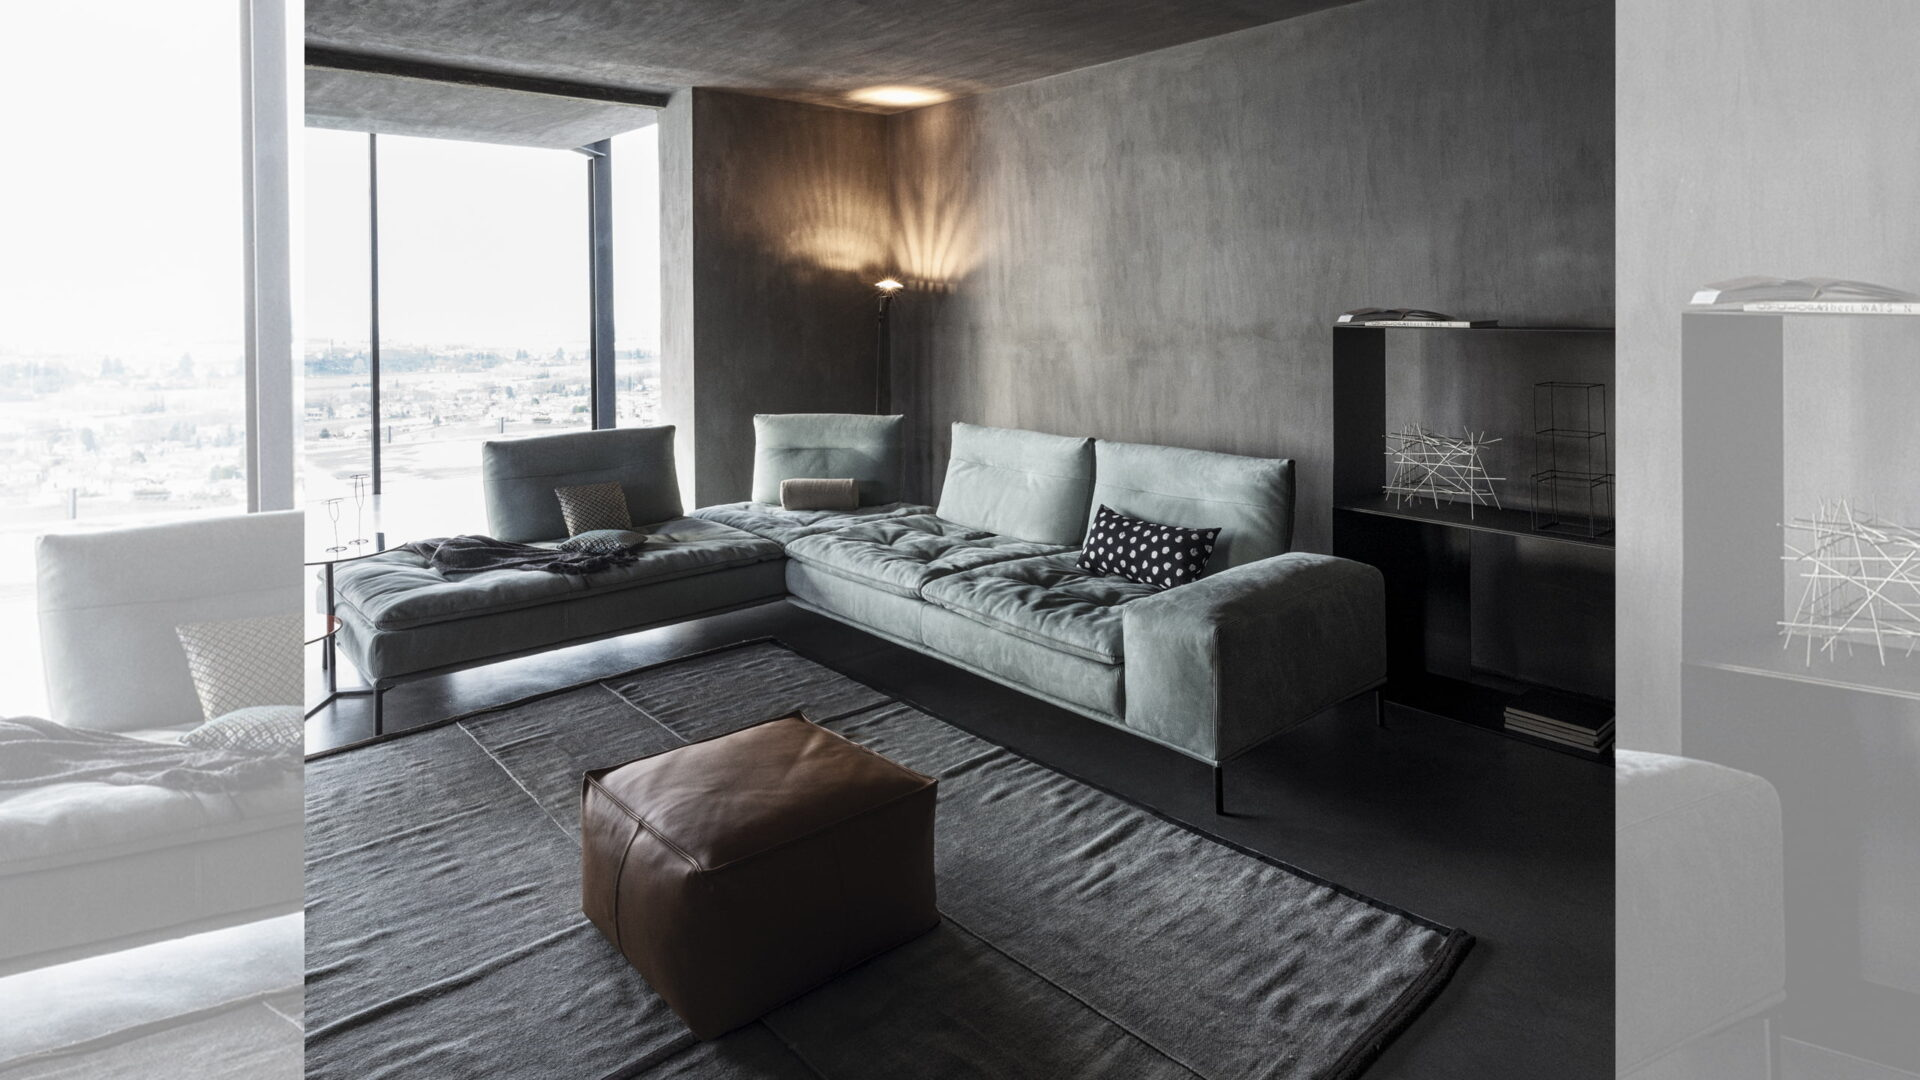 Cierre carlton sofa